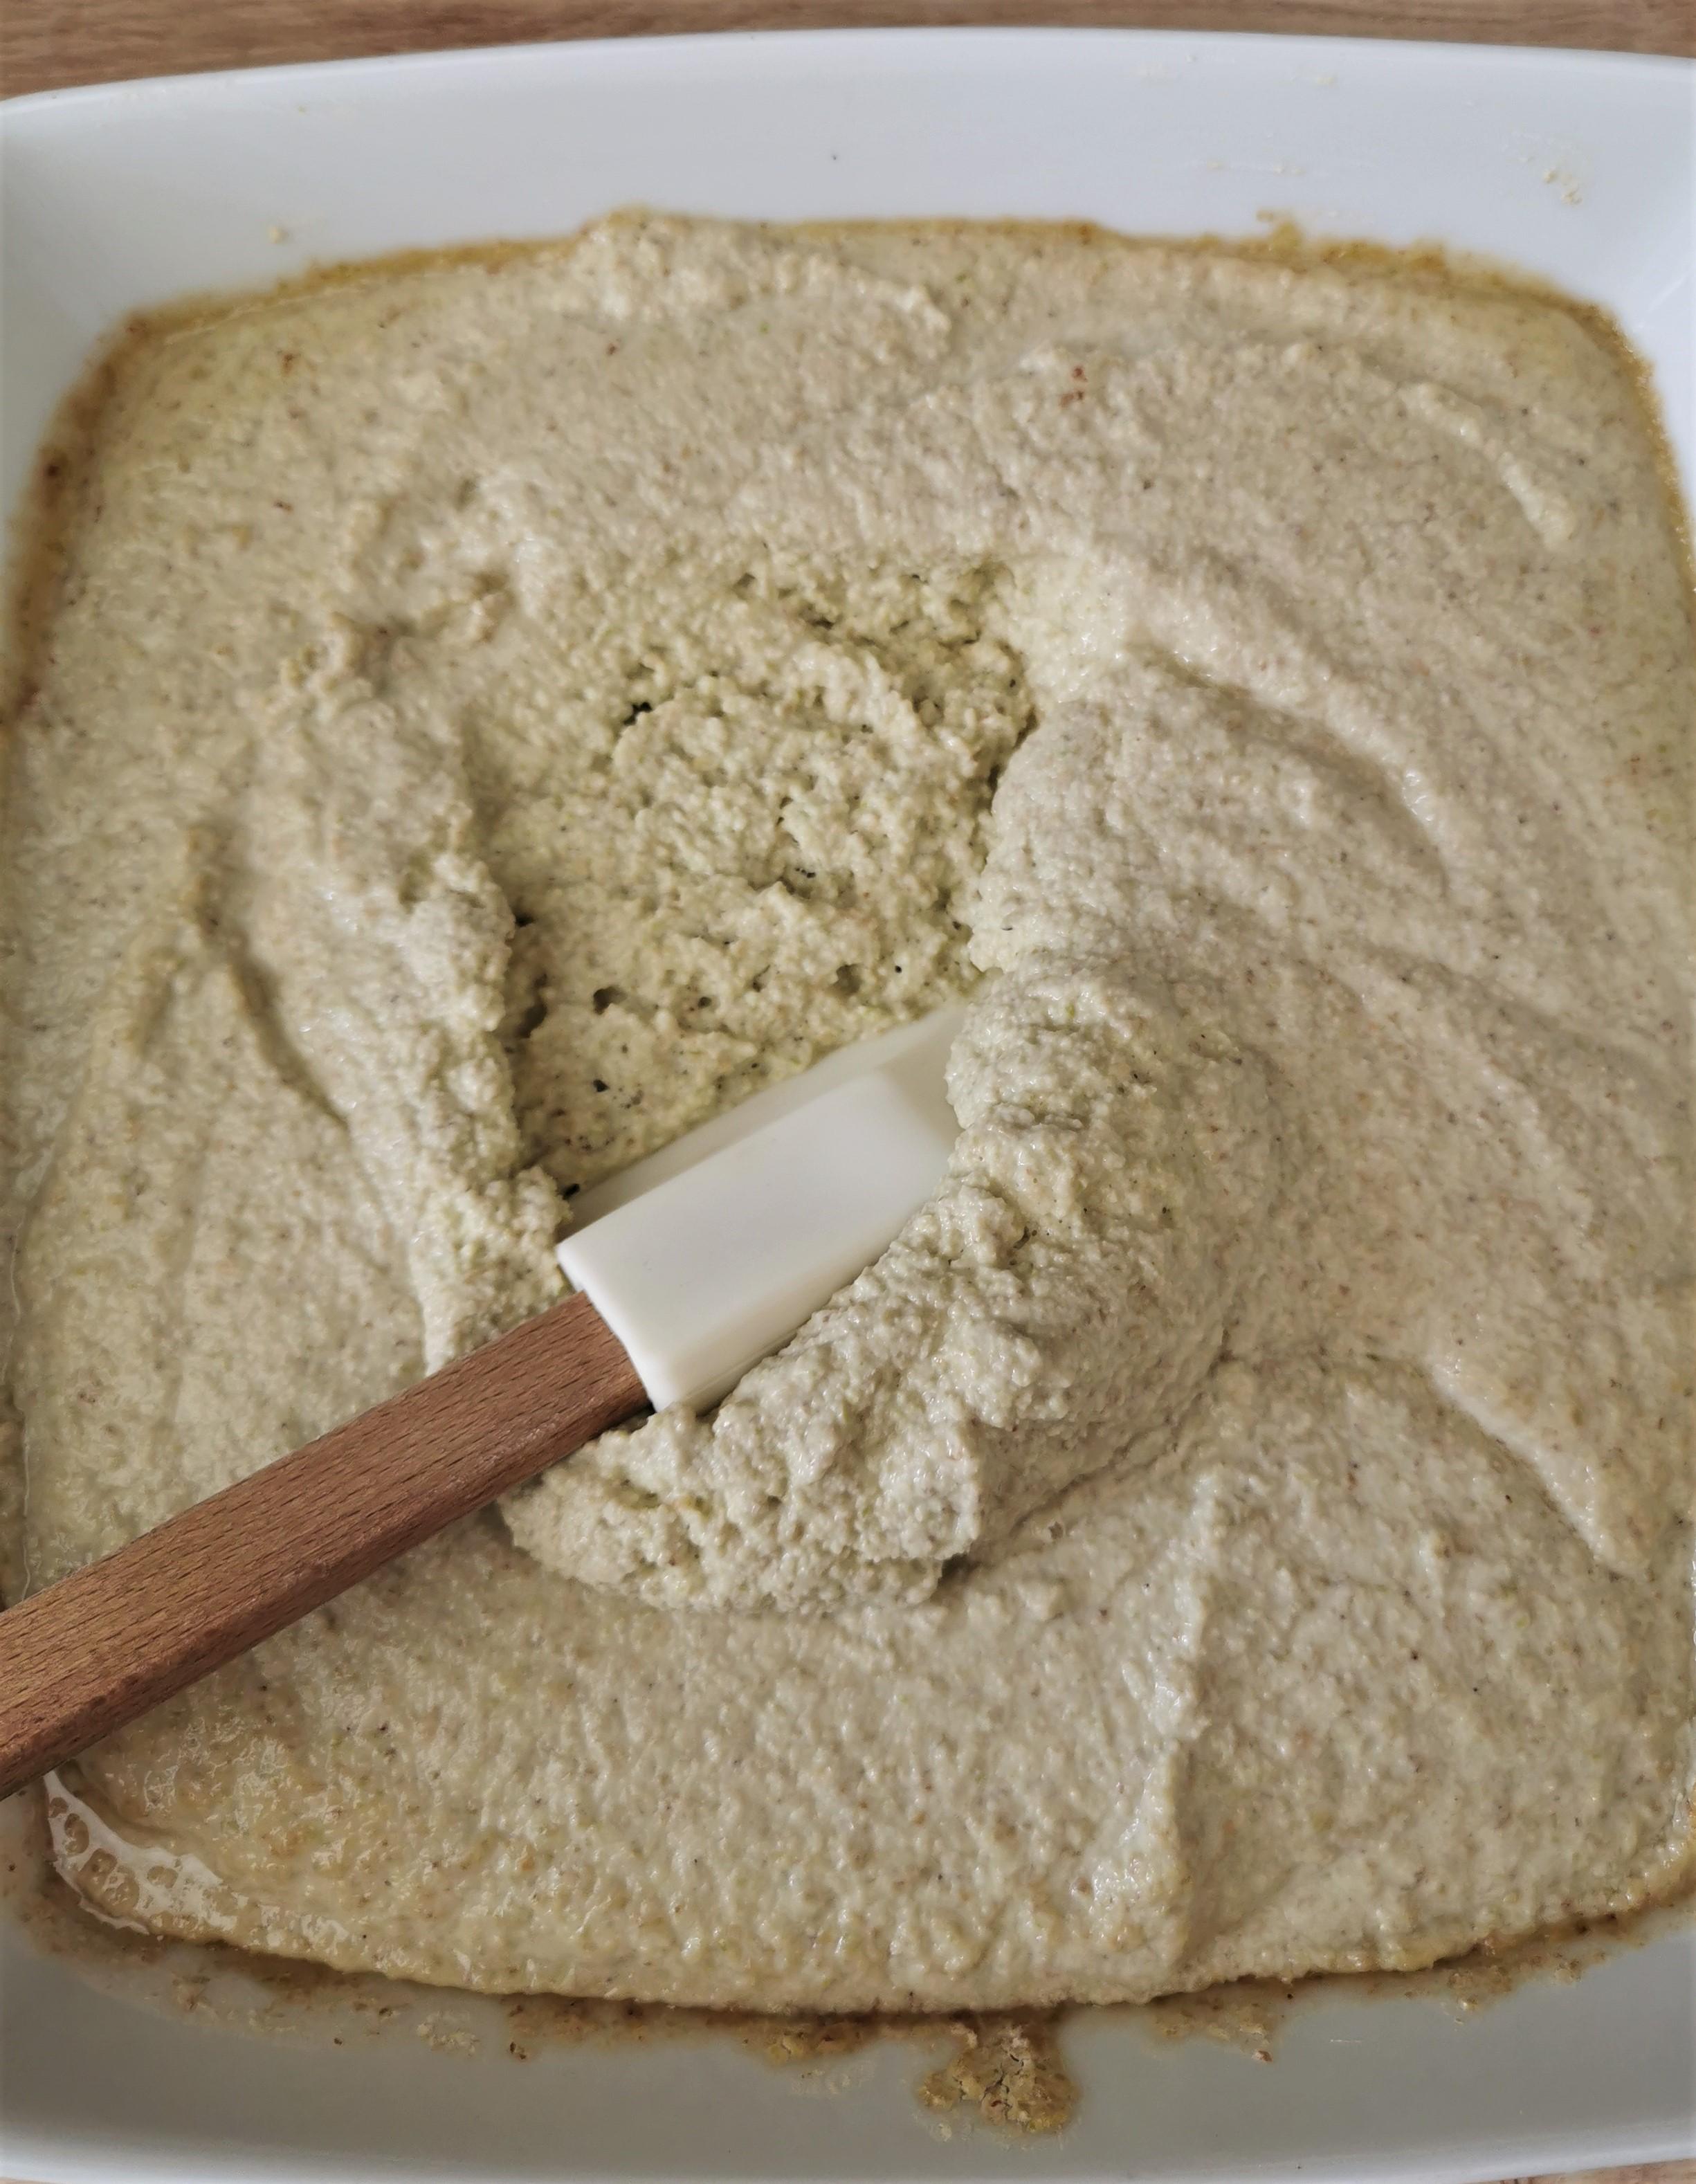 Pâte fermentée (après 24h de repos à 25°C)